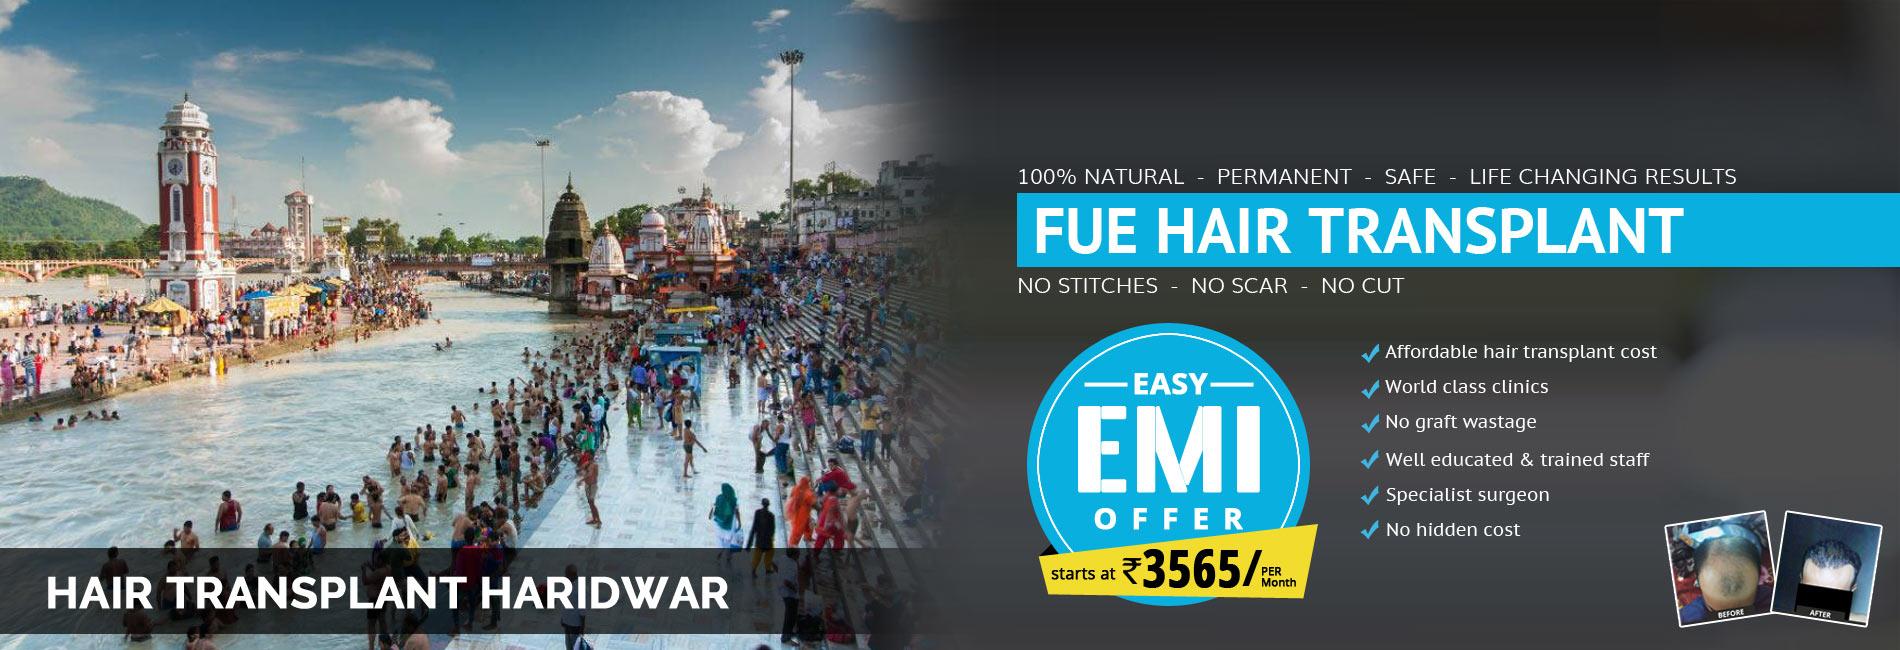 Hair Transplant Haridwar